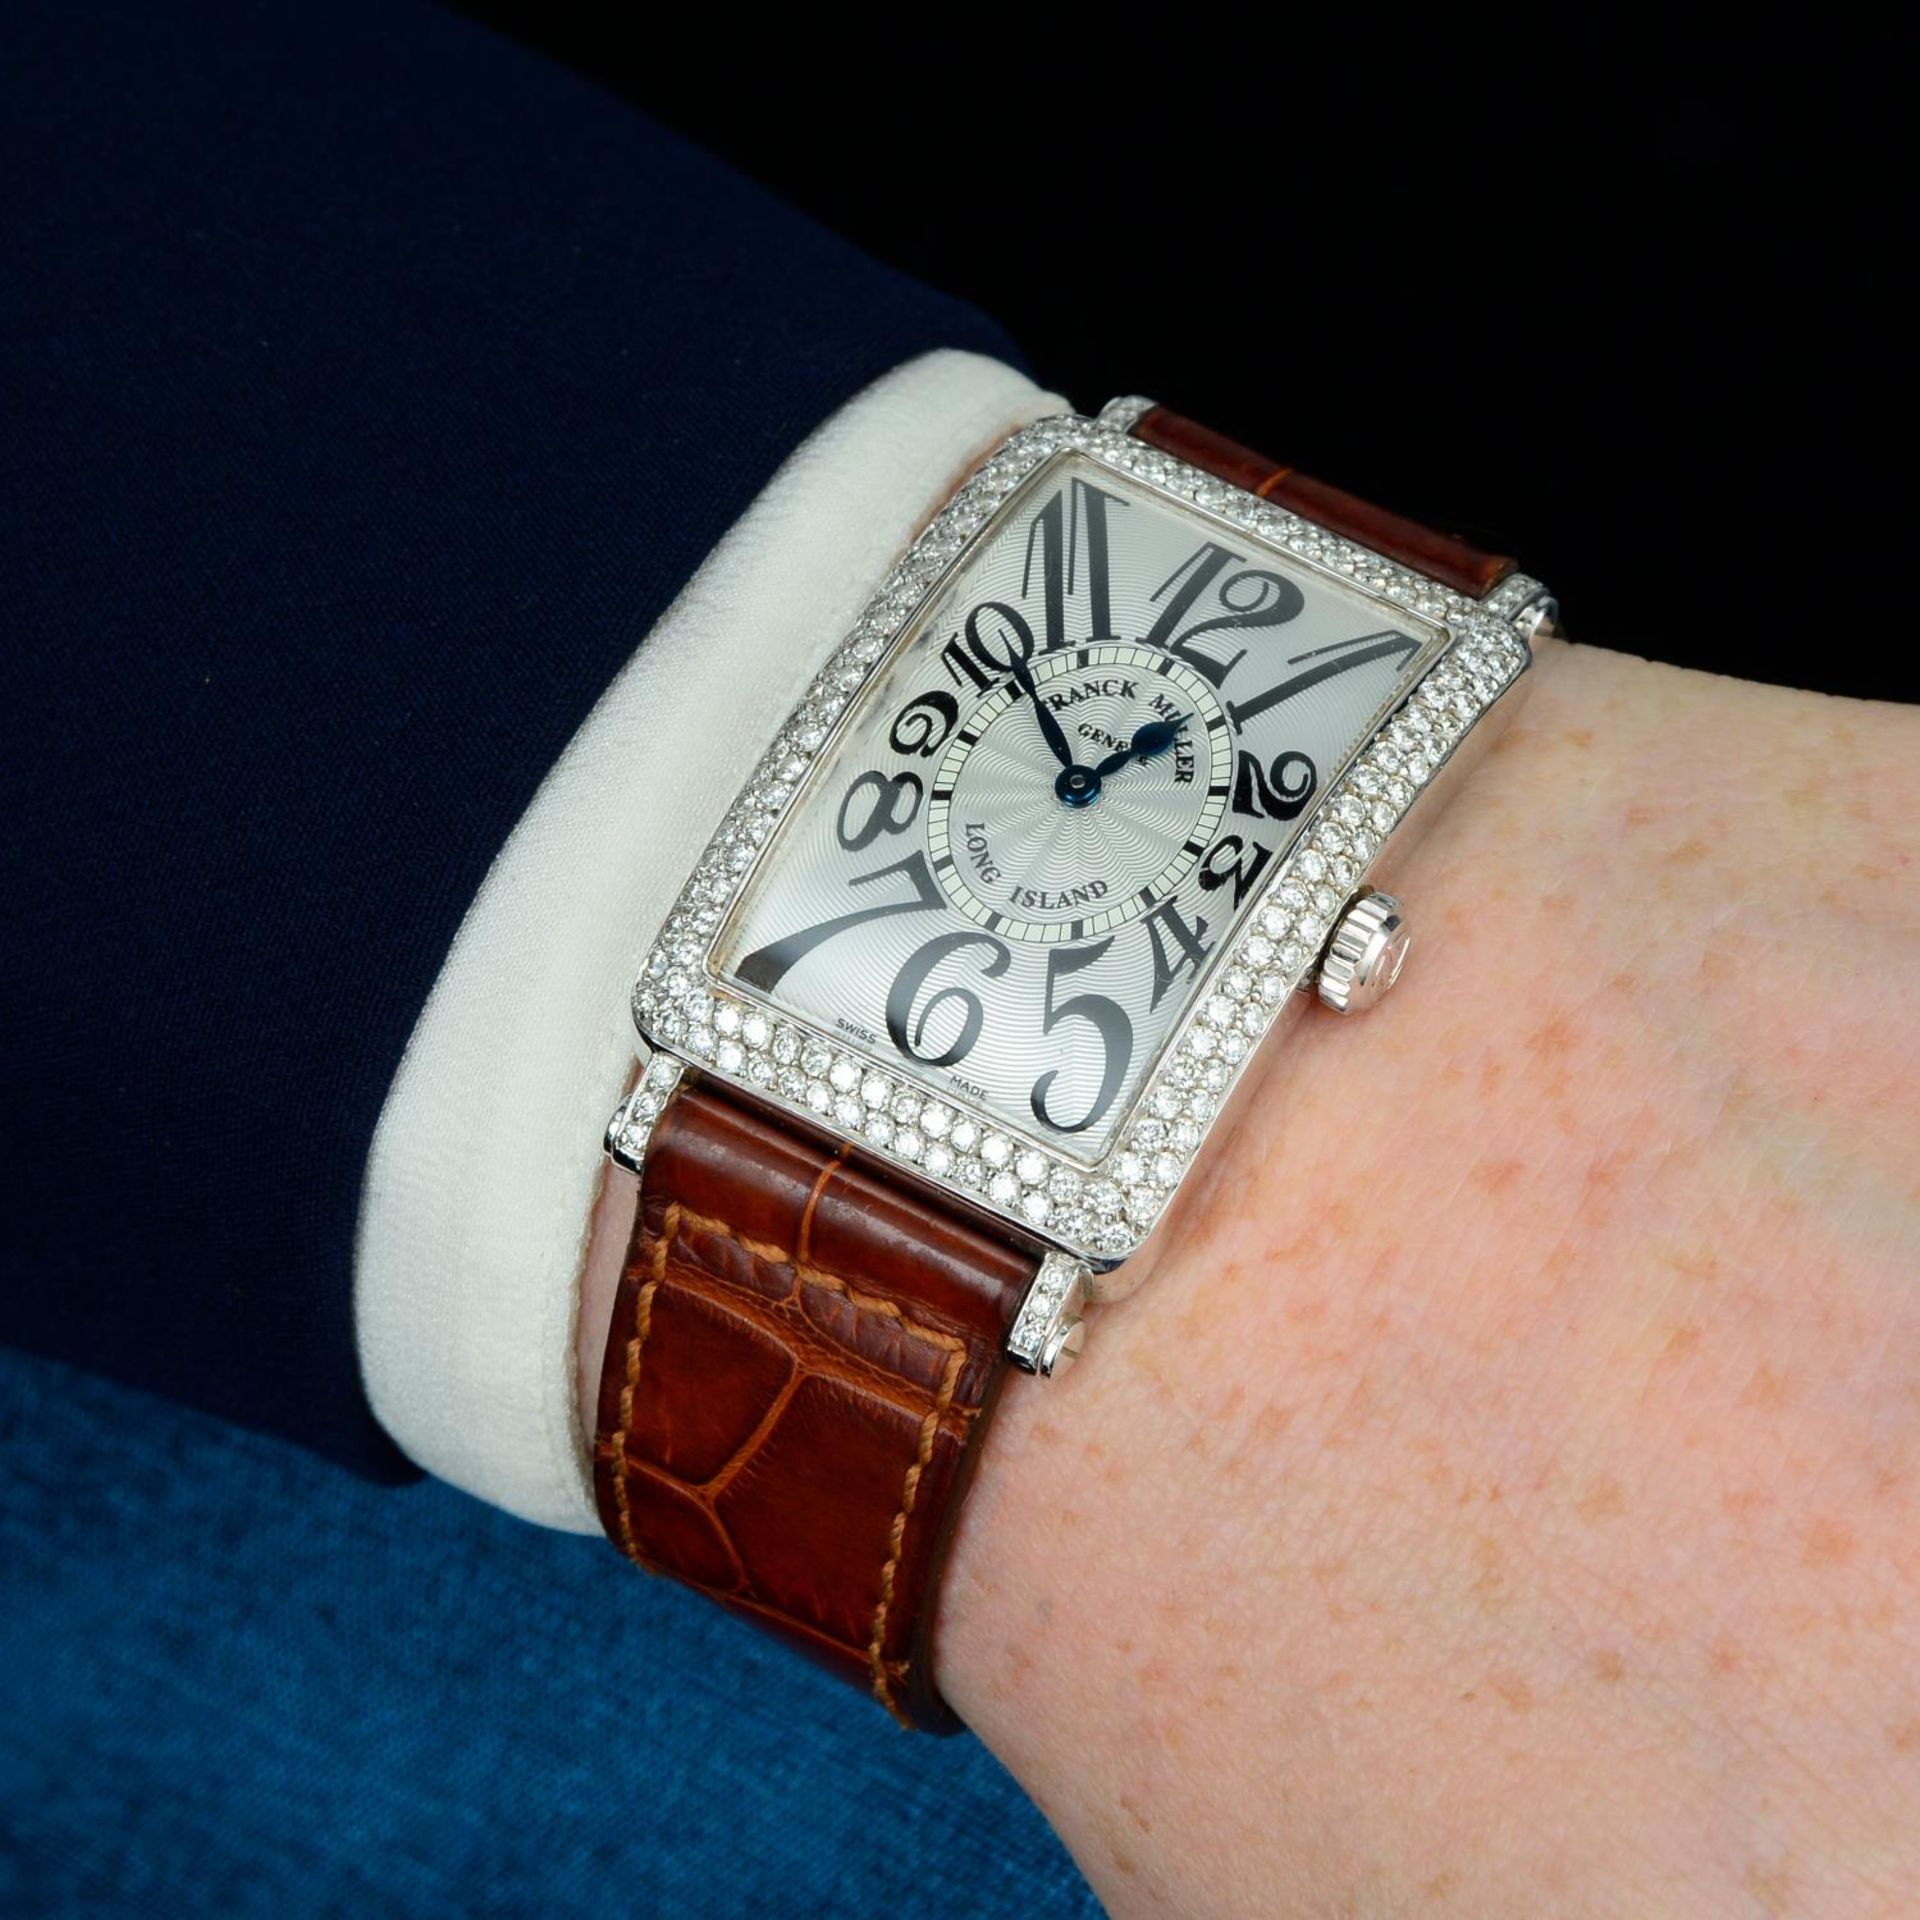 FRANCK MULLER - a long Island wrist watch. - Bild 3 aus 5